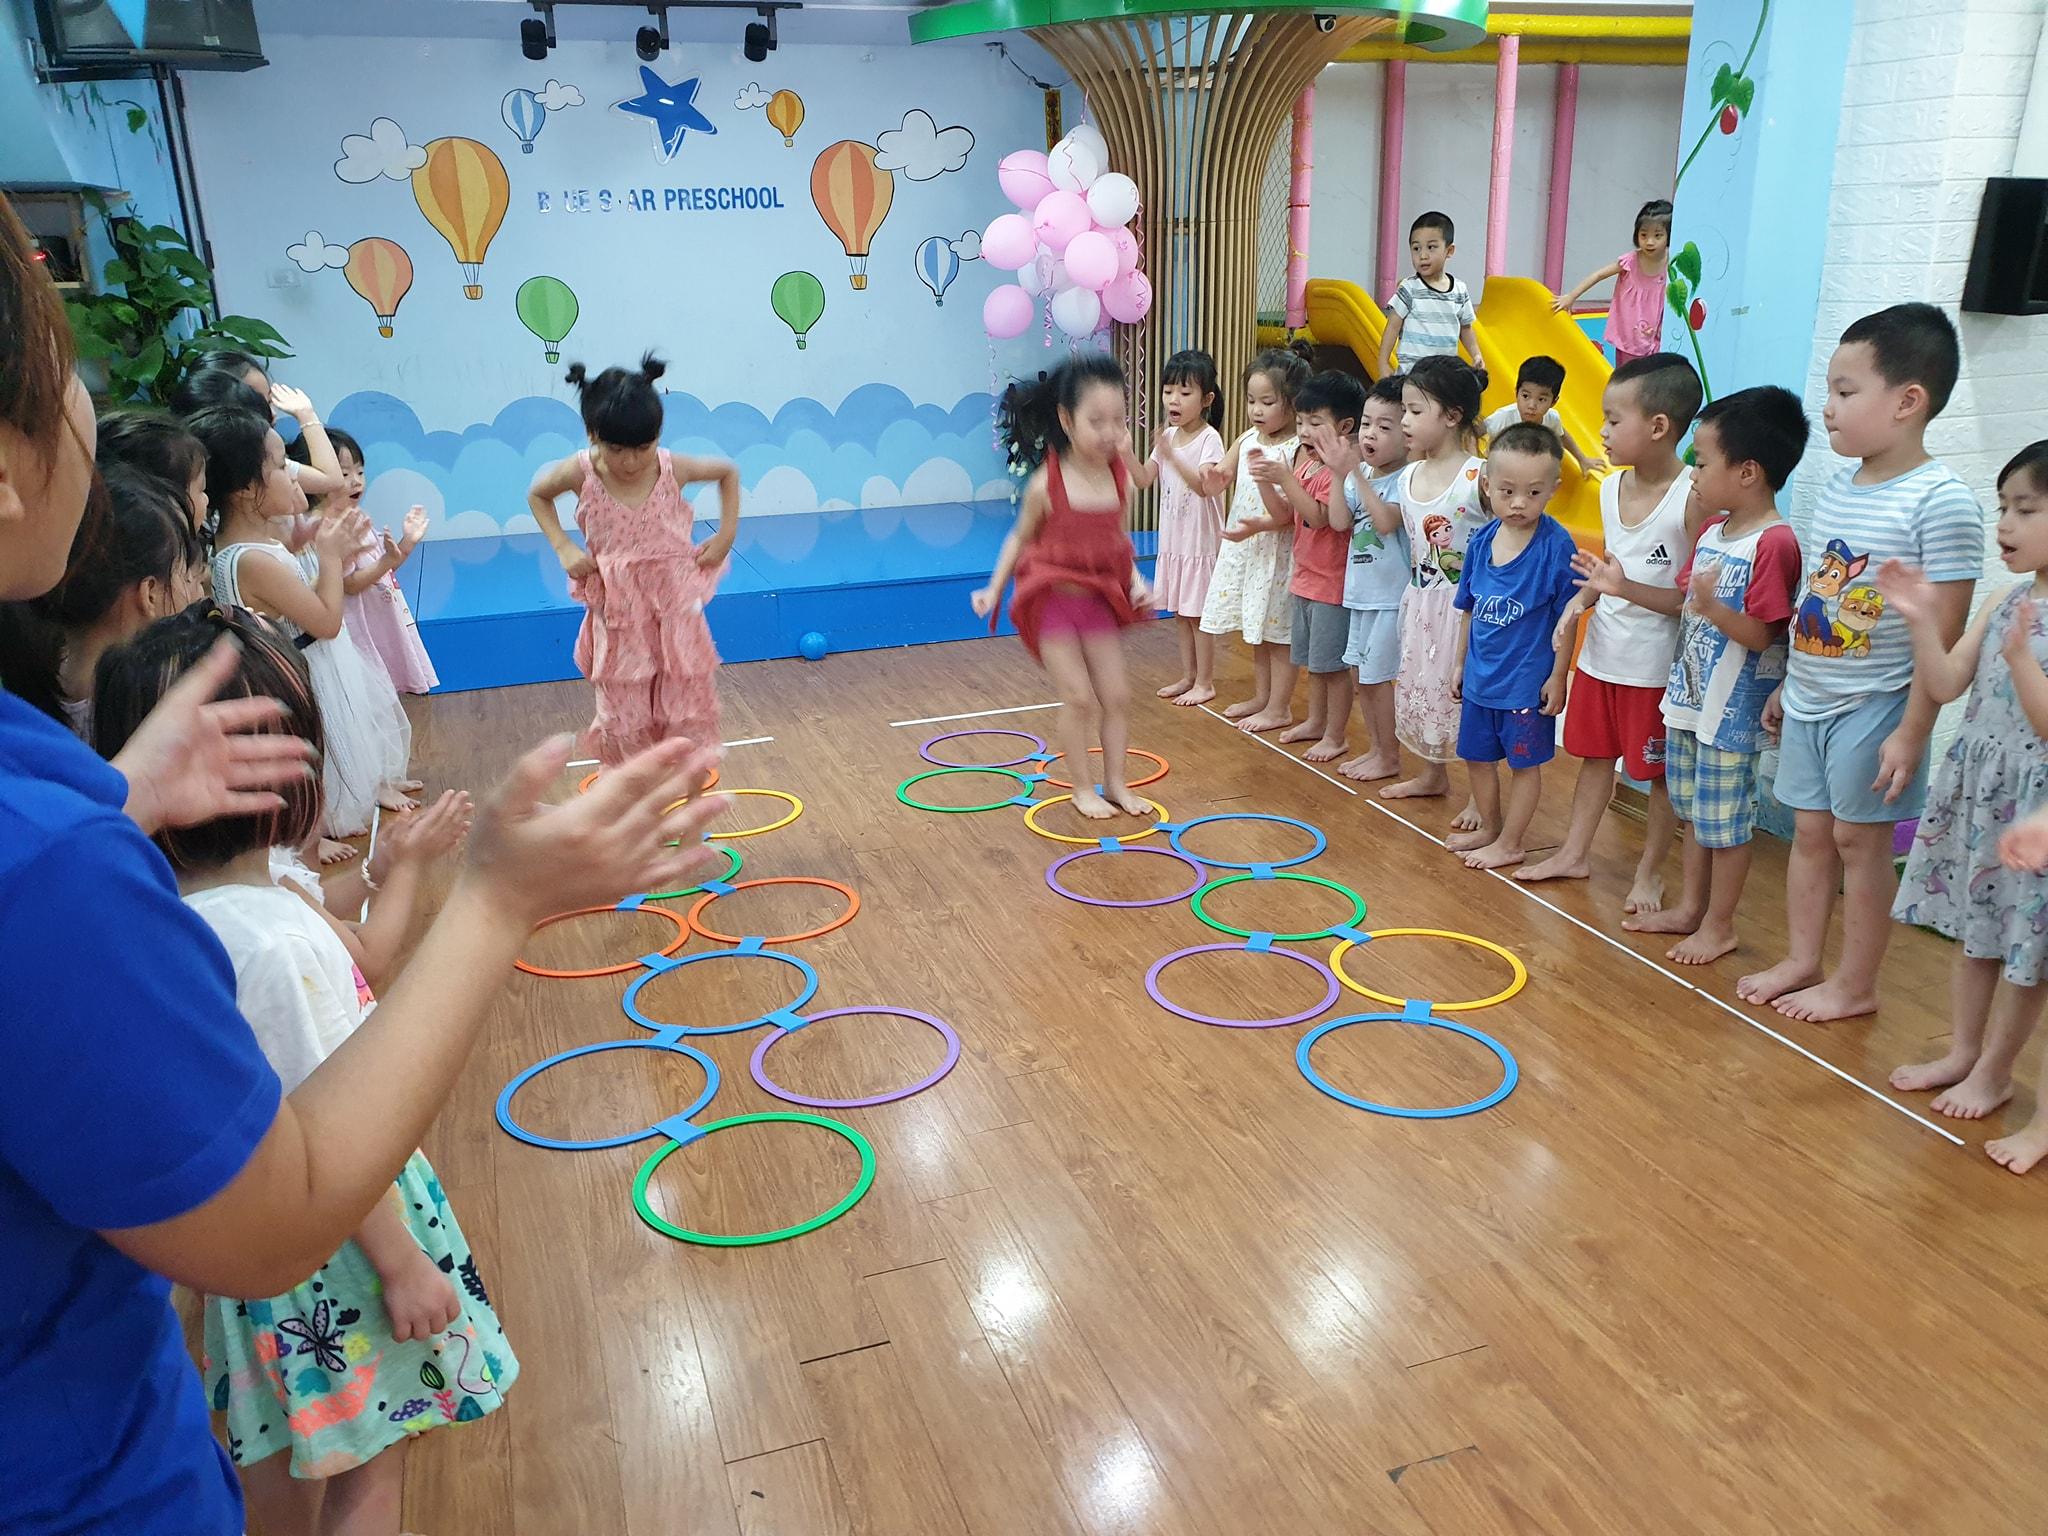 Trường mầm non Ngôi Sao Xanh Mon City (Blue Star Preschool - BSP)